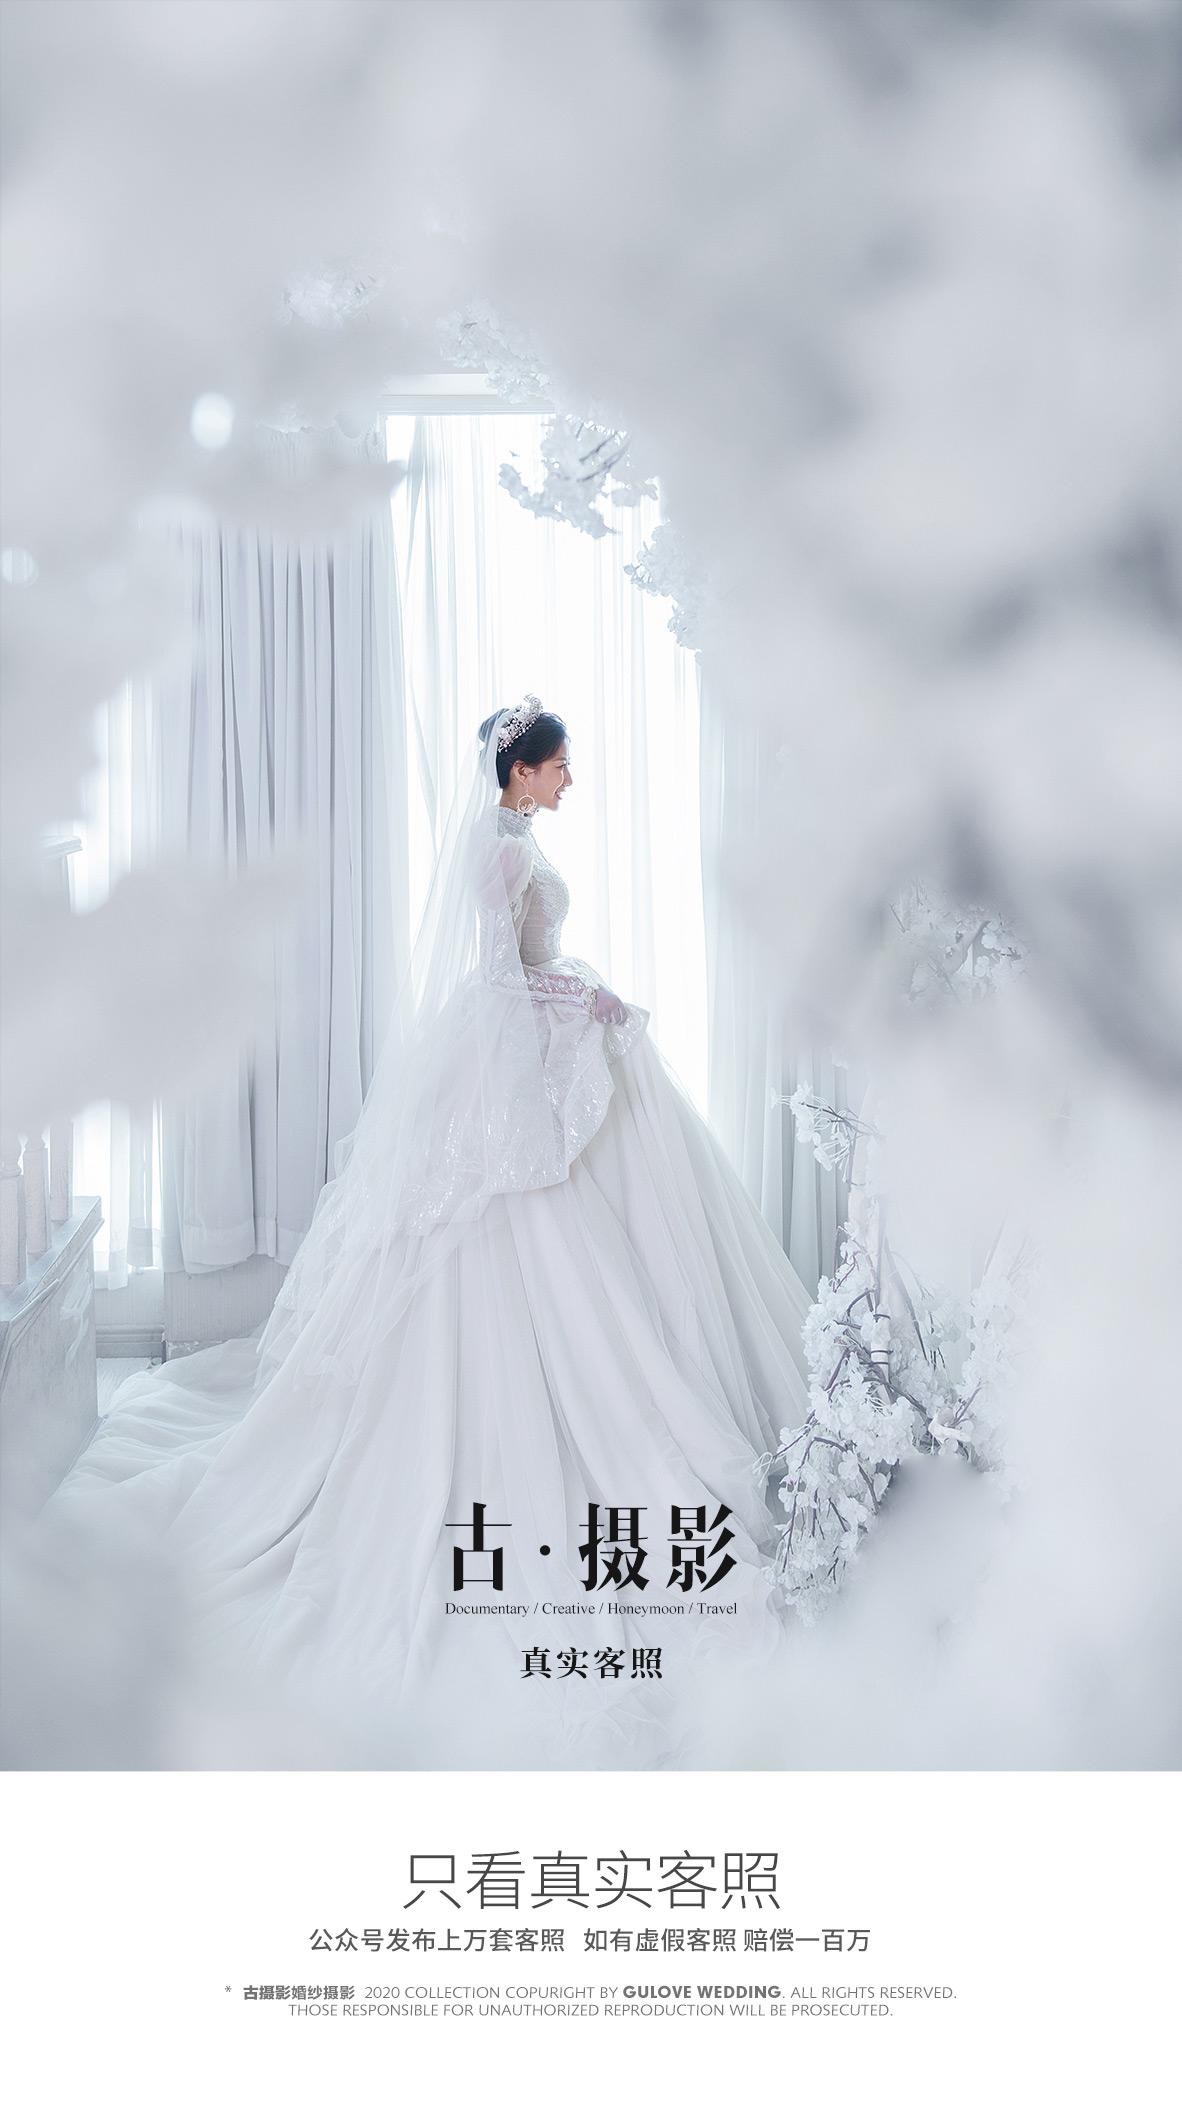 12月客照第二季 - 月度客照 - 古摄影婚纱艺术-古摄影成都婚纱摄影艺术摄影网